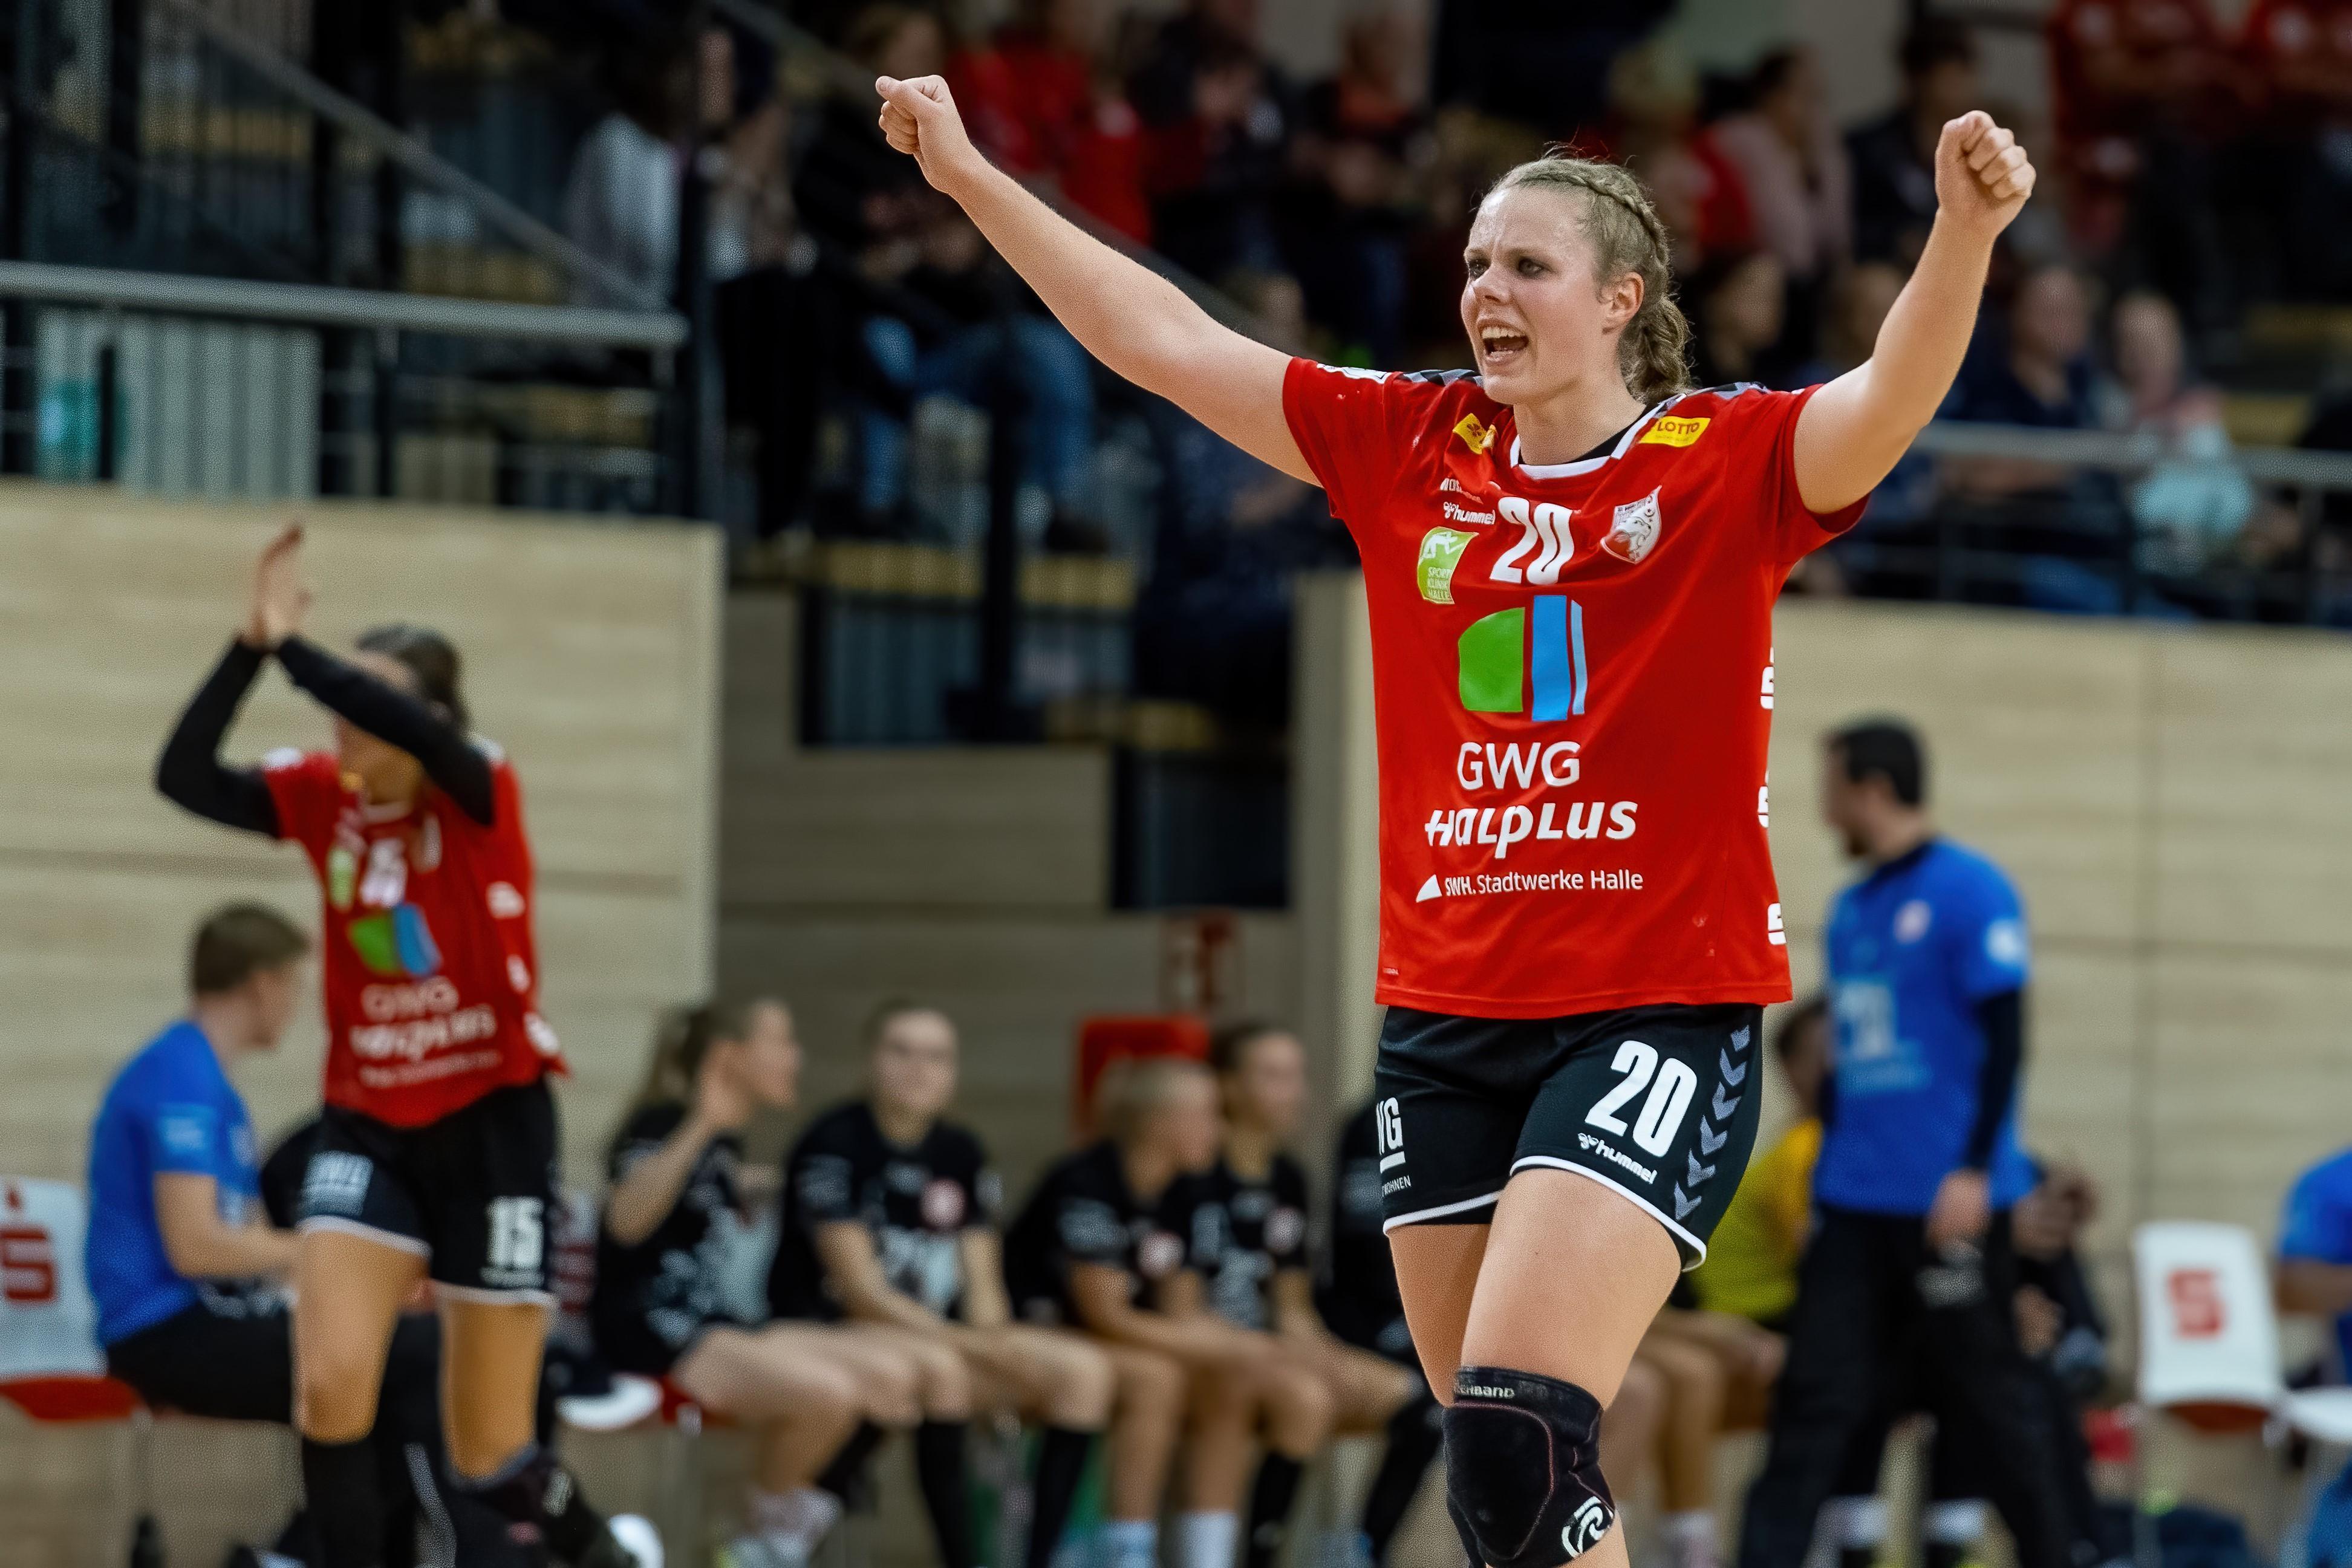 Heimwee dwingt Danique Boonkamp tot een lastige keus: handbalster klimt in vijf jaar naar de hoogste trede van Duitse handballadder, maar keert toch terug bij Westfriesland SEW